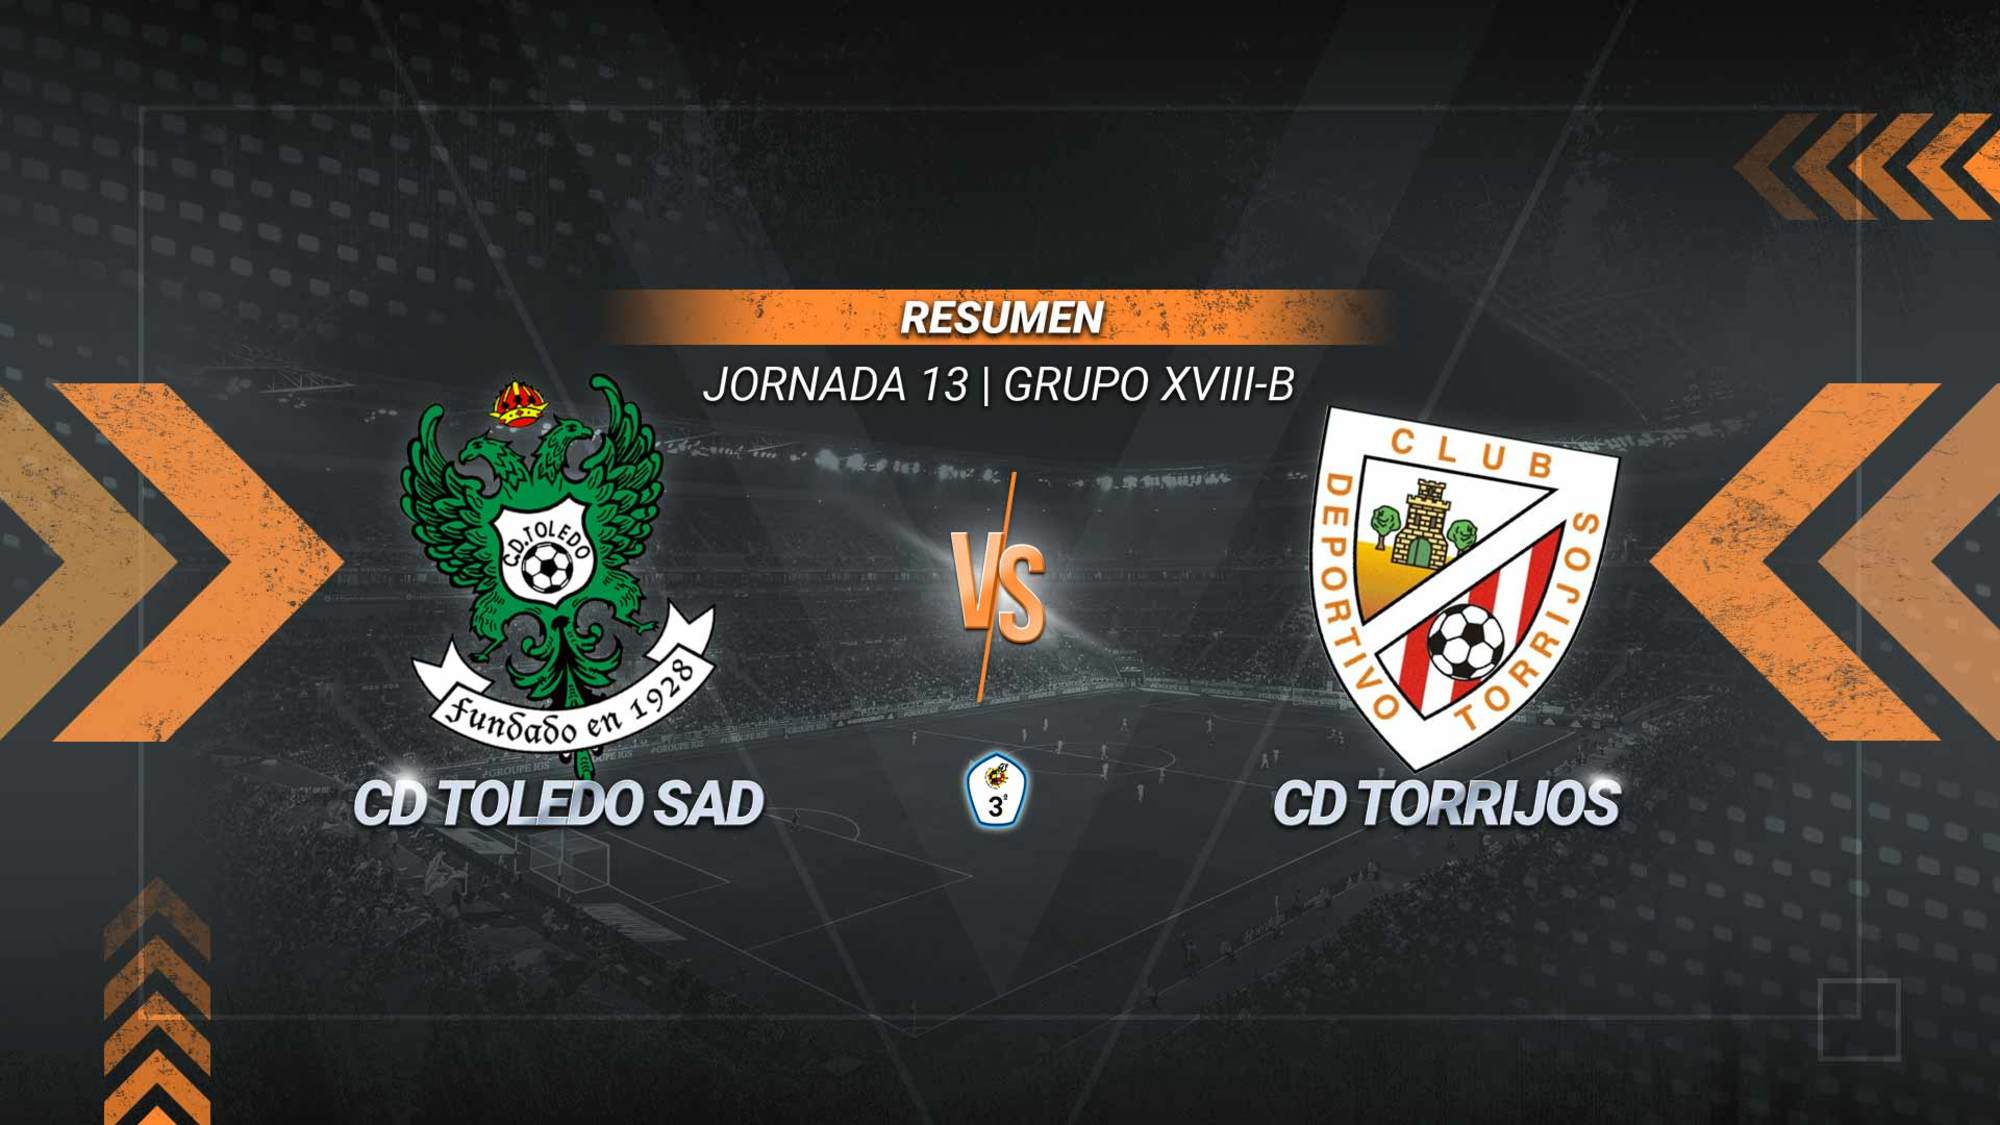 Un gol de Rubén Moreno deja los tres puntos en el Salto del Caballo y certifica la primera victoria de Diego Merino en el banquillo capitalino. El Toledo rompe una racha de cinco jornadas sin ganar, mientras el Torrijos se queda séptimo en la clasificación con 18 puntos.